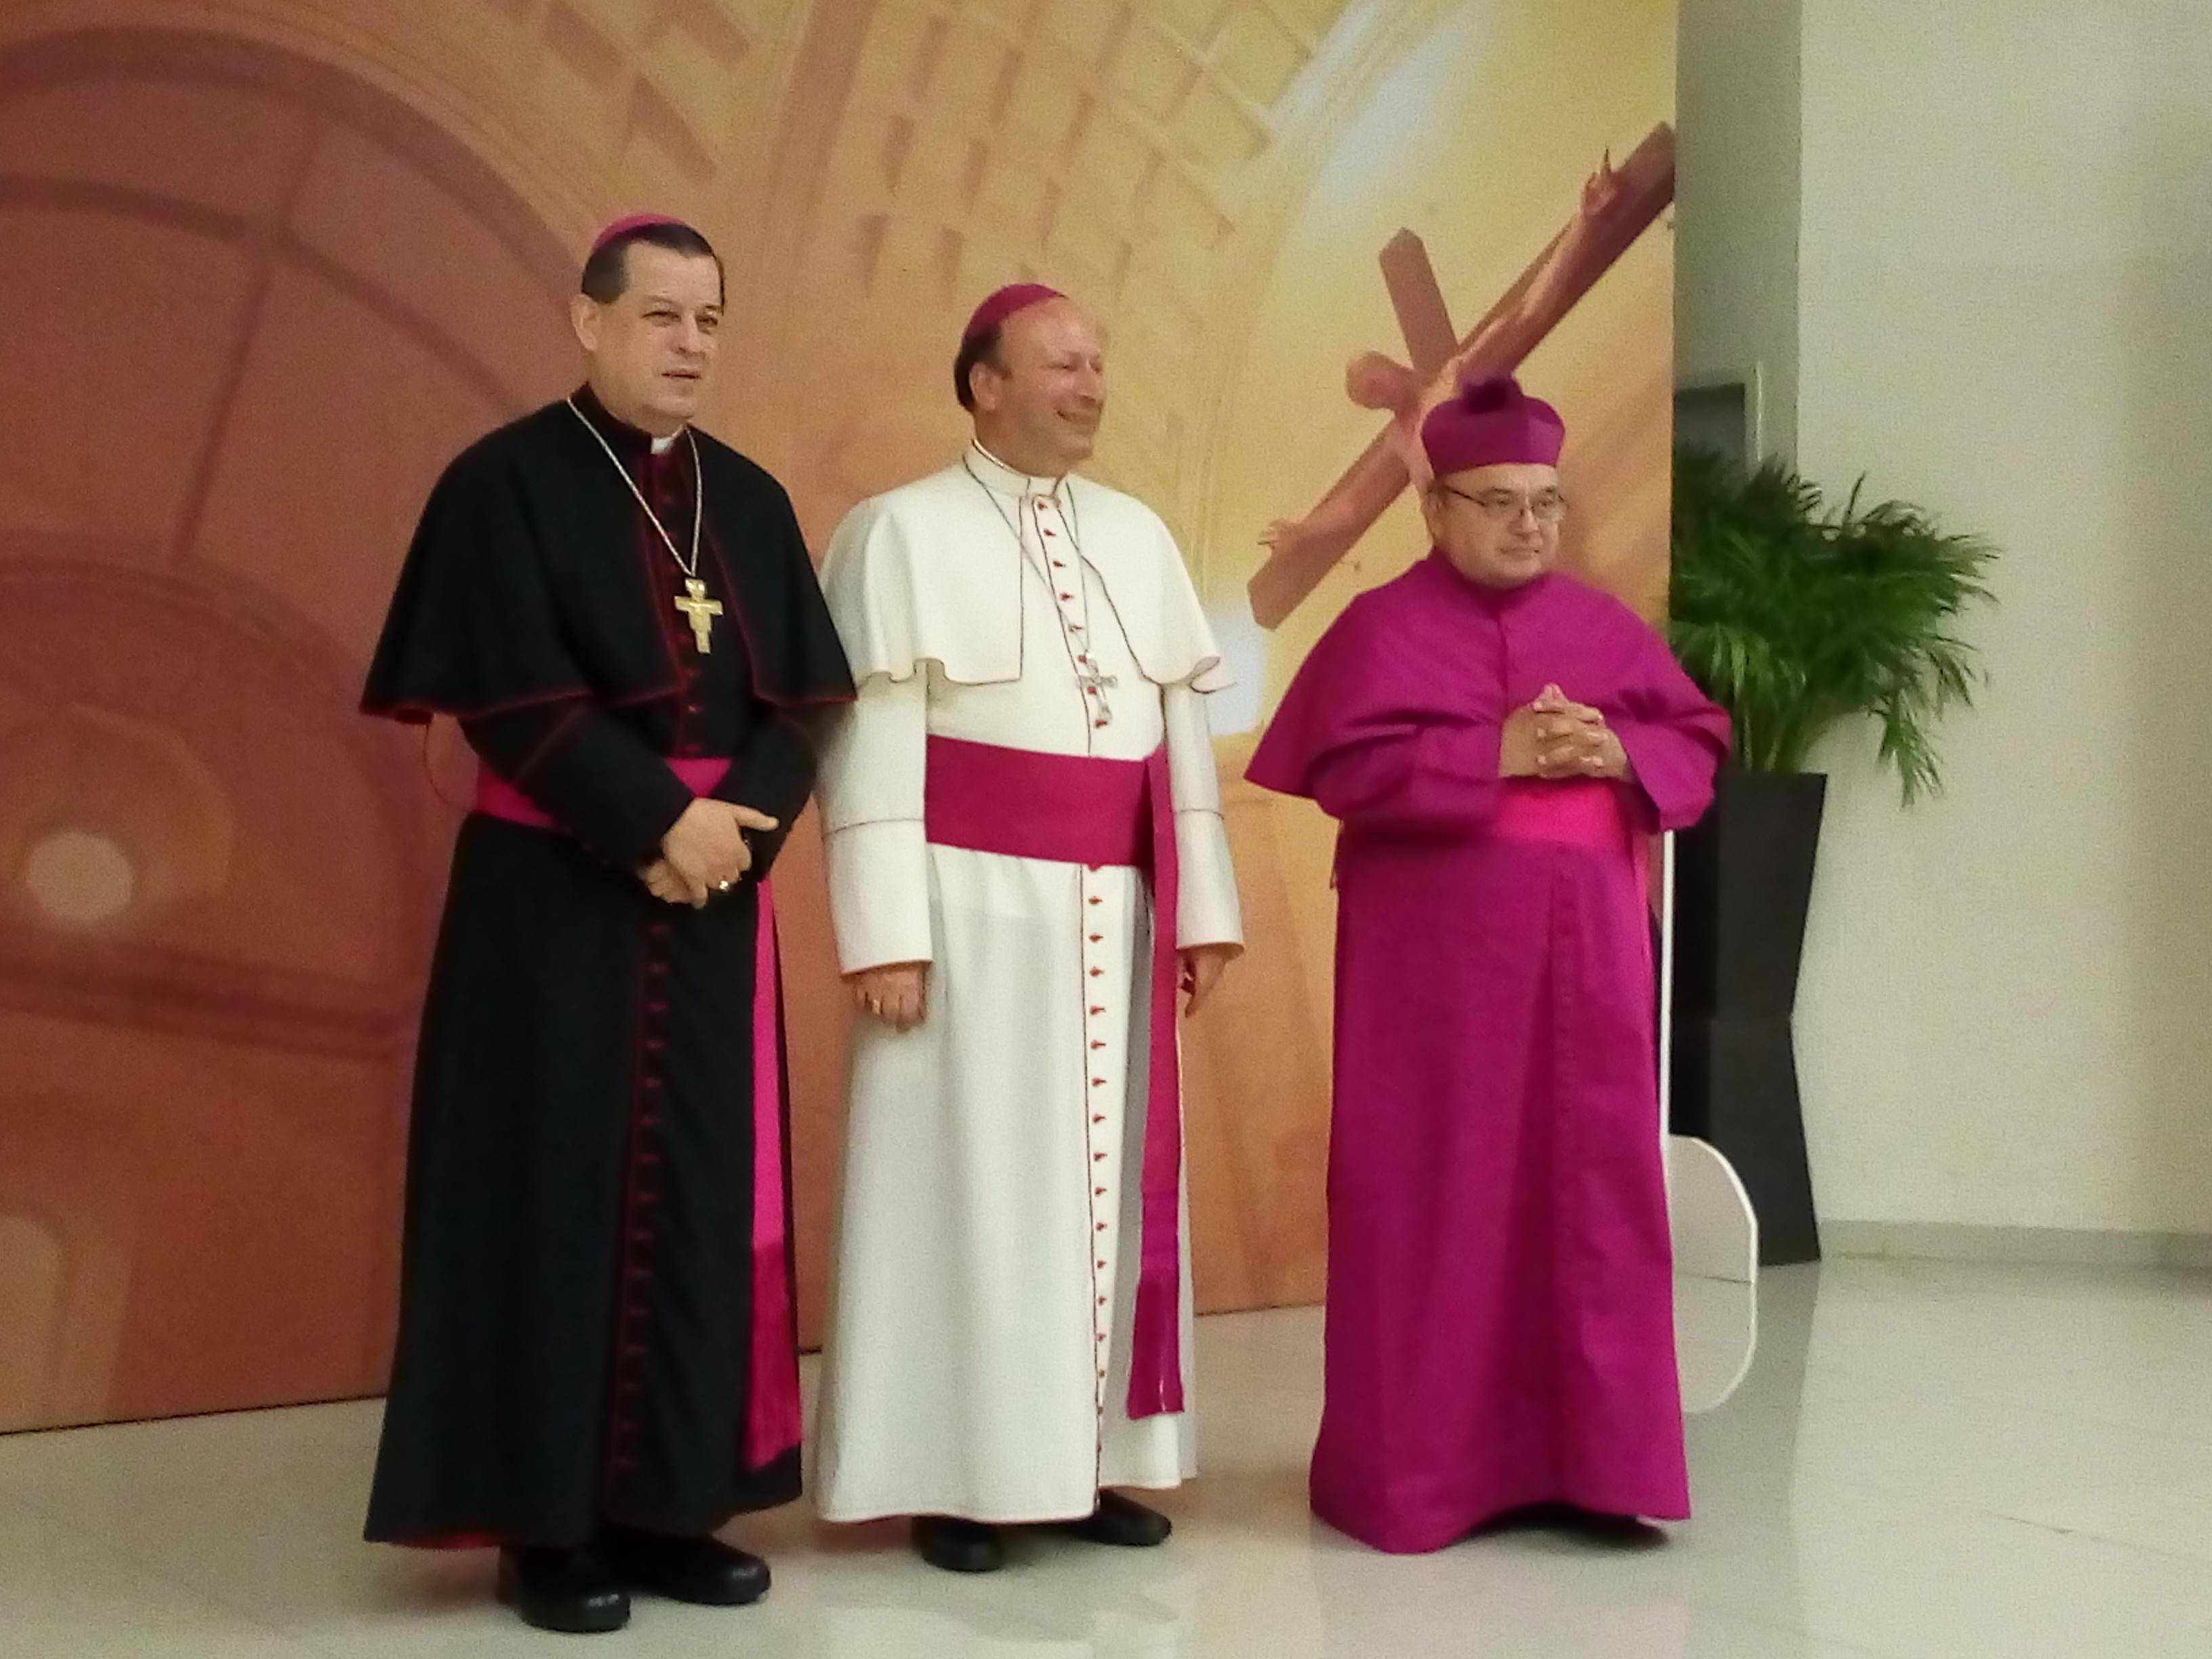 Iglesia, abierta a colaborar ante señalamientos de pederastia